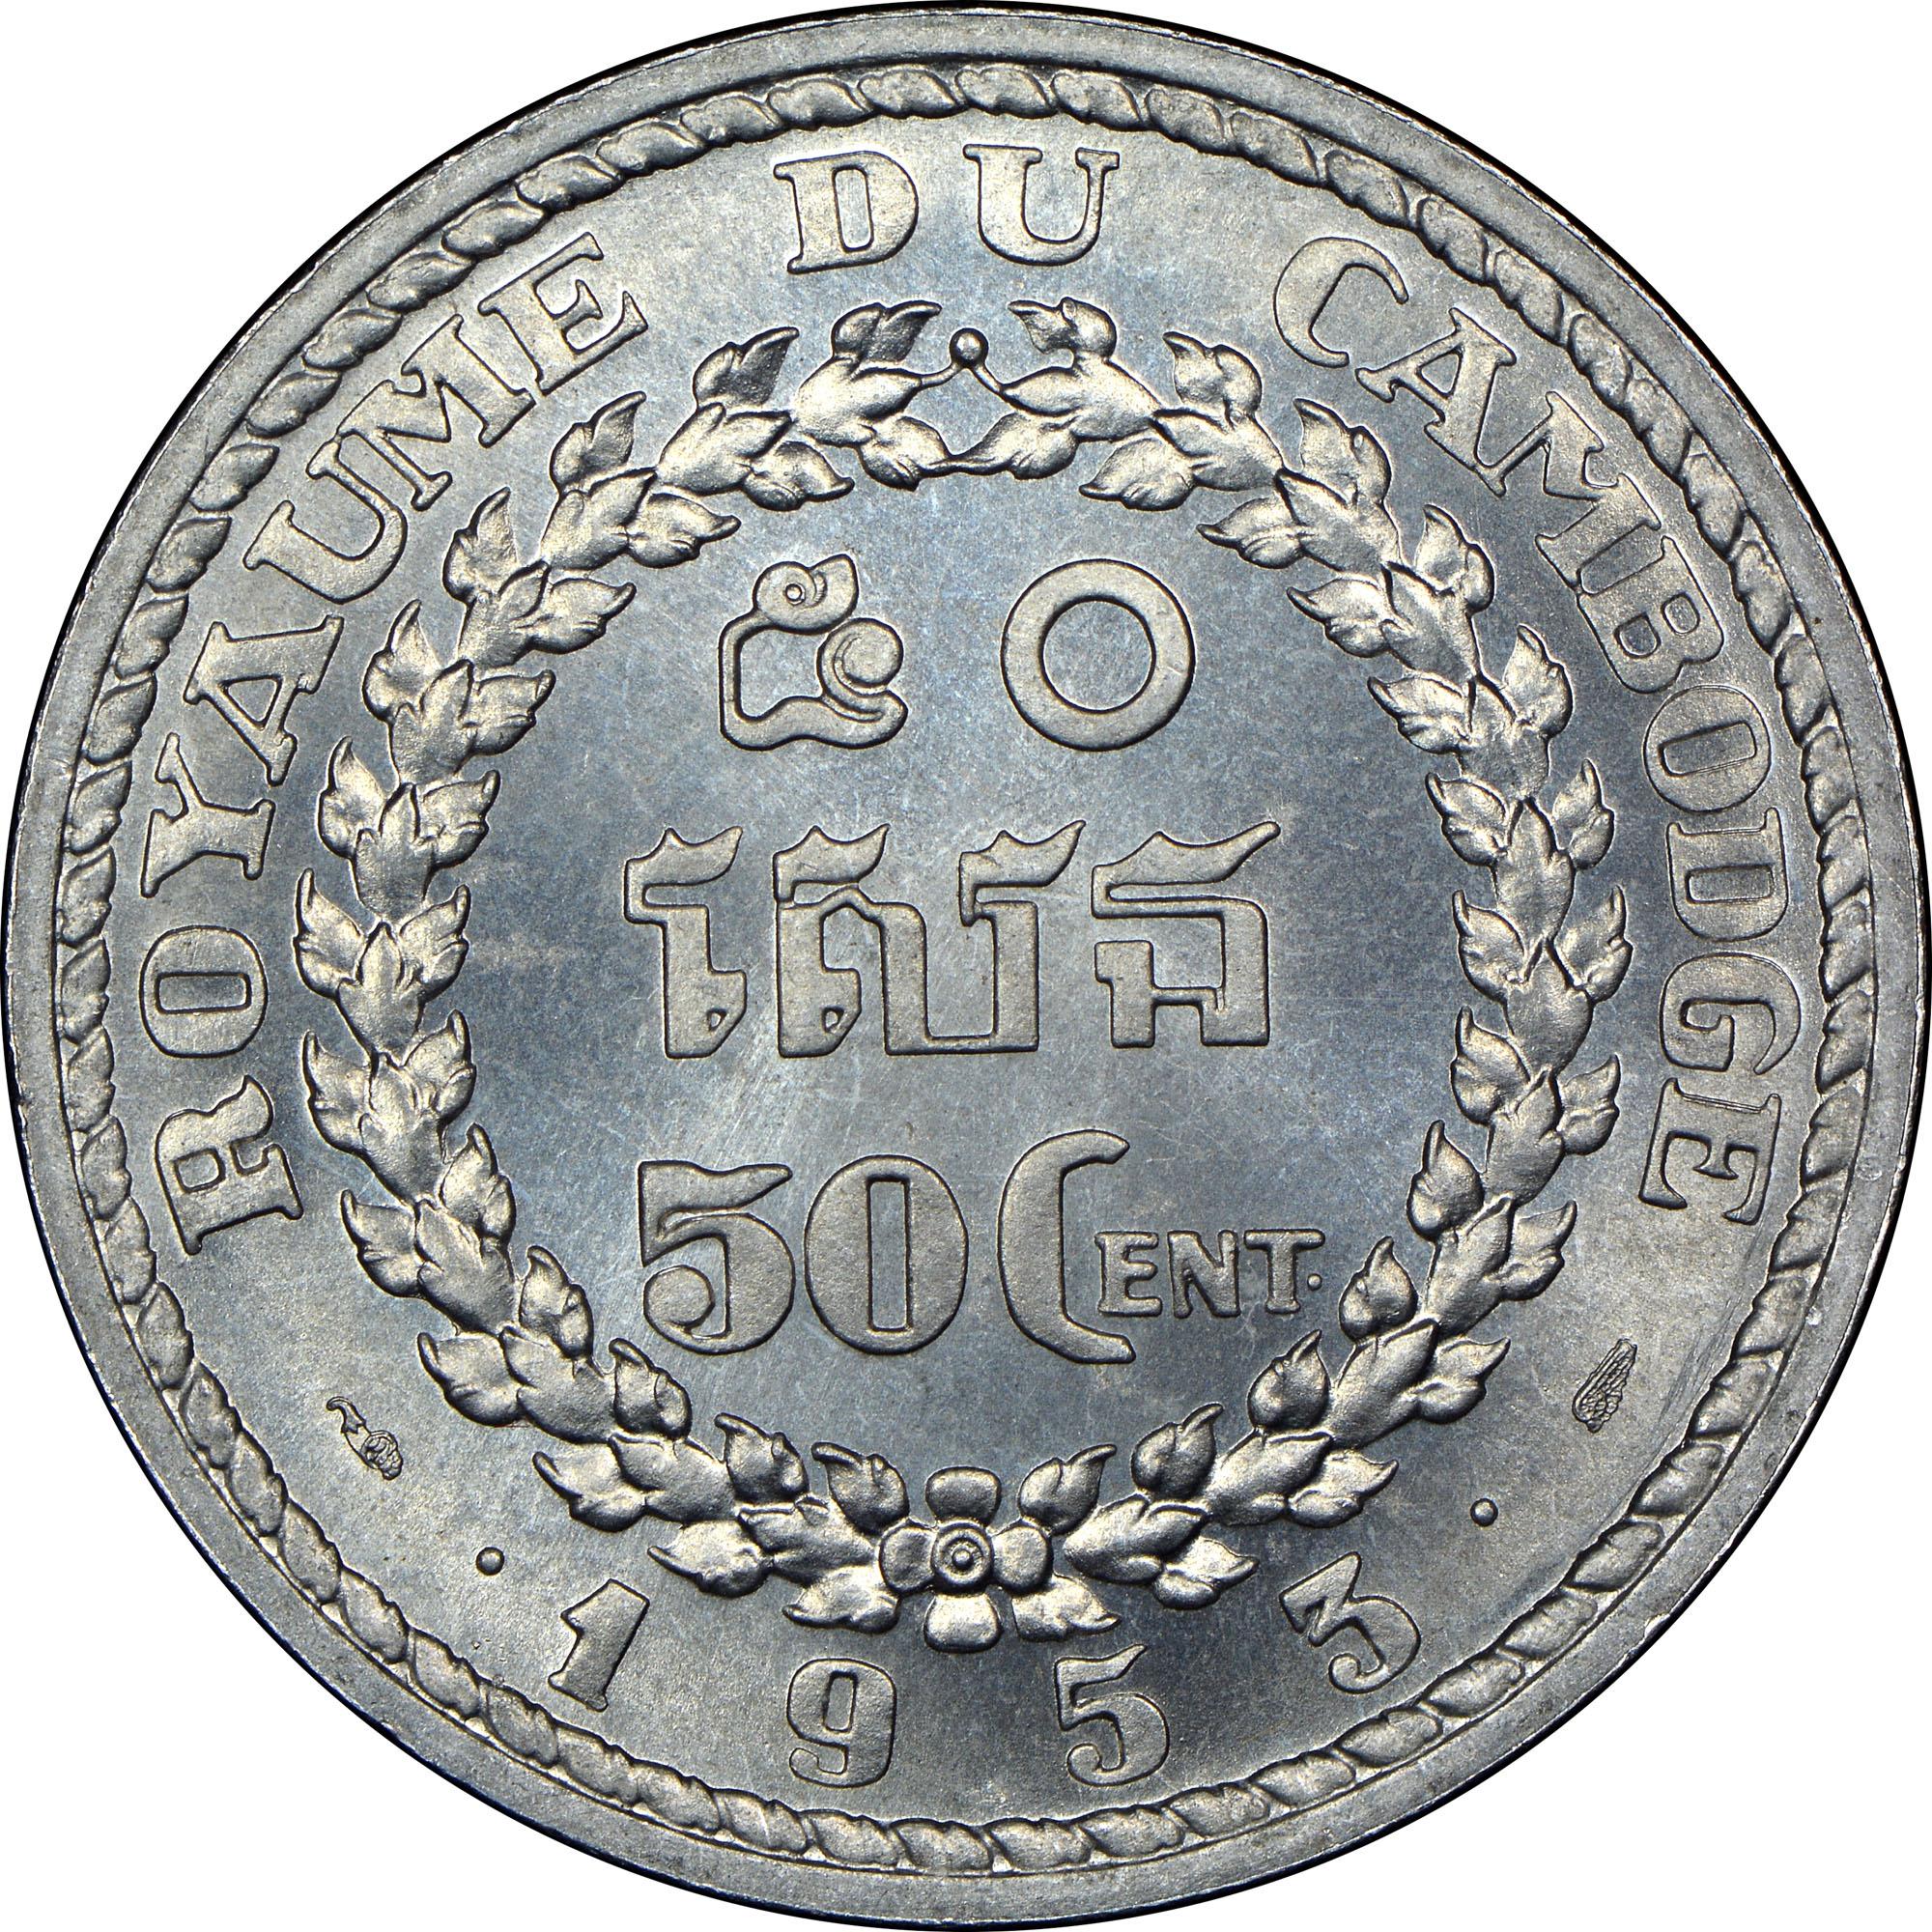 1953 Cambodia 50 Centimes reverse